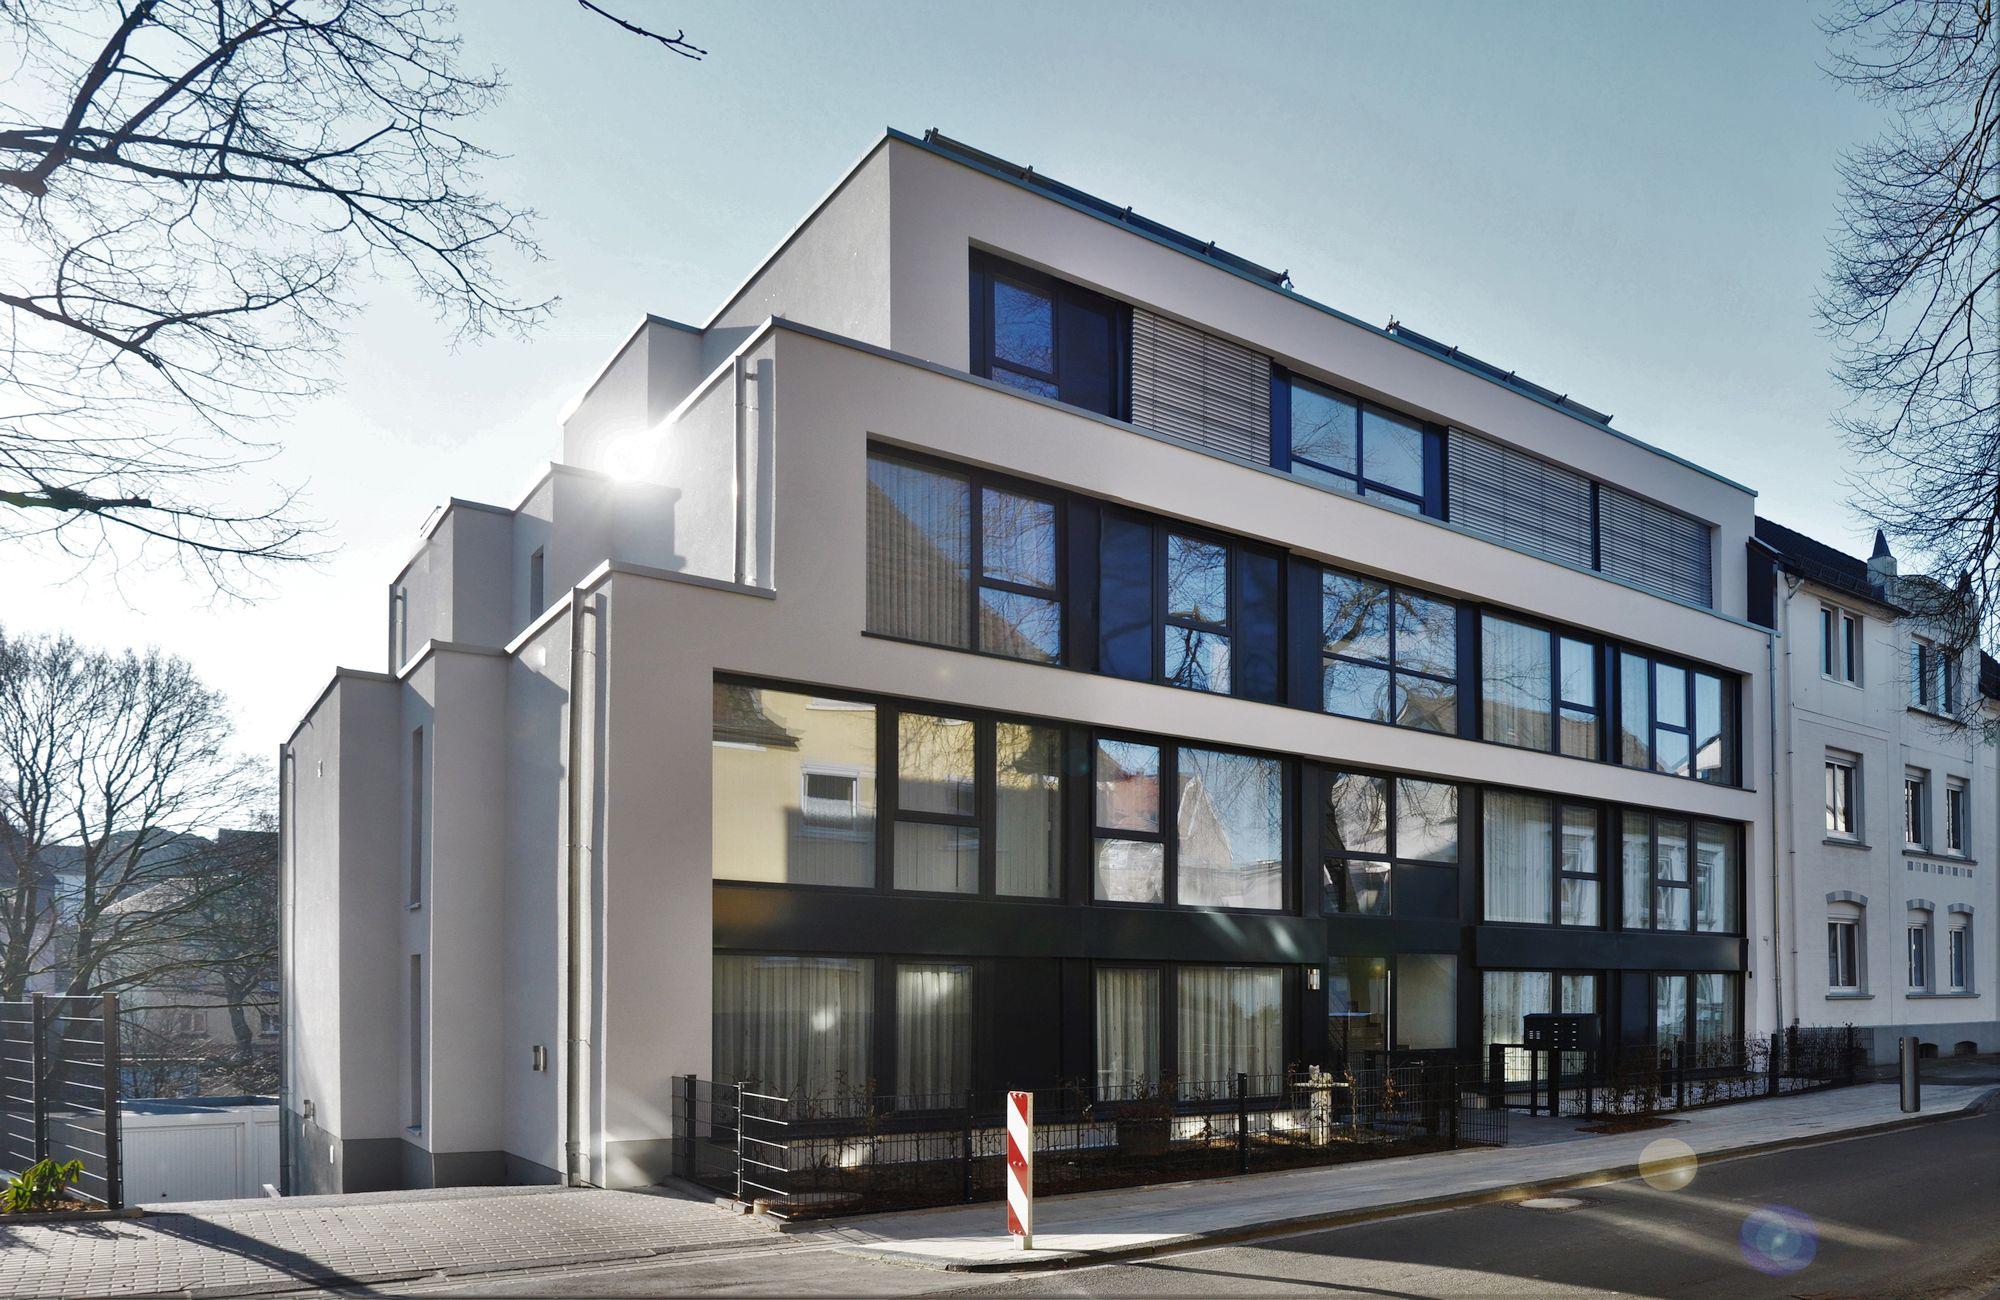 Wohnhaus in der Kanalstraße in Solingen